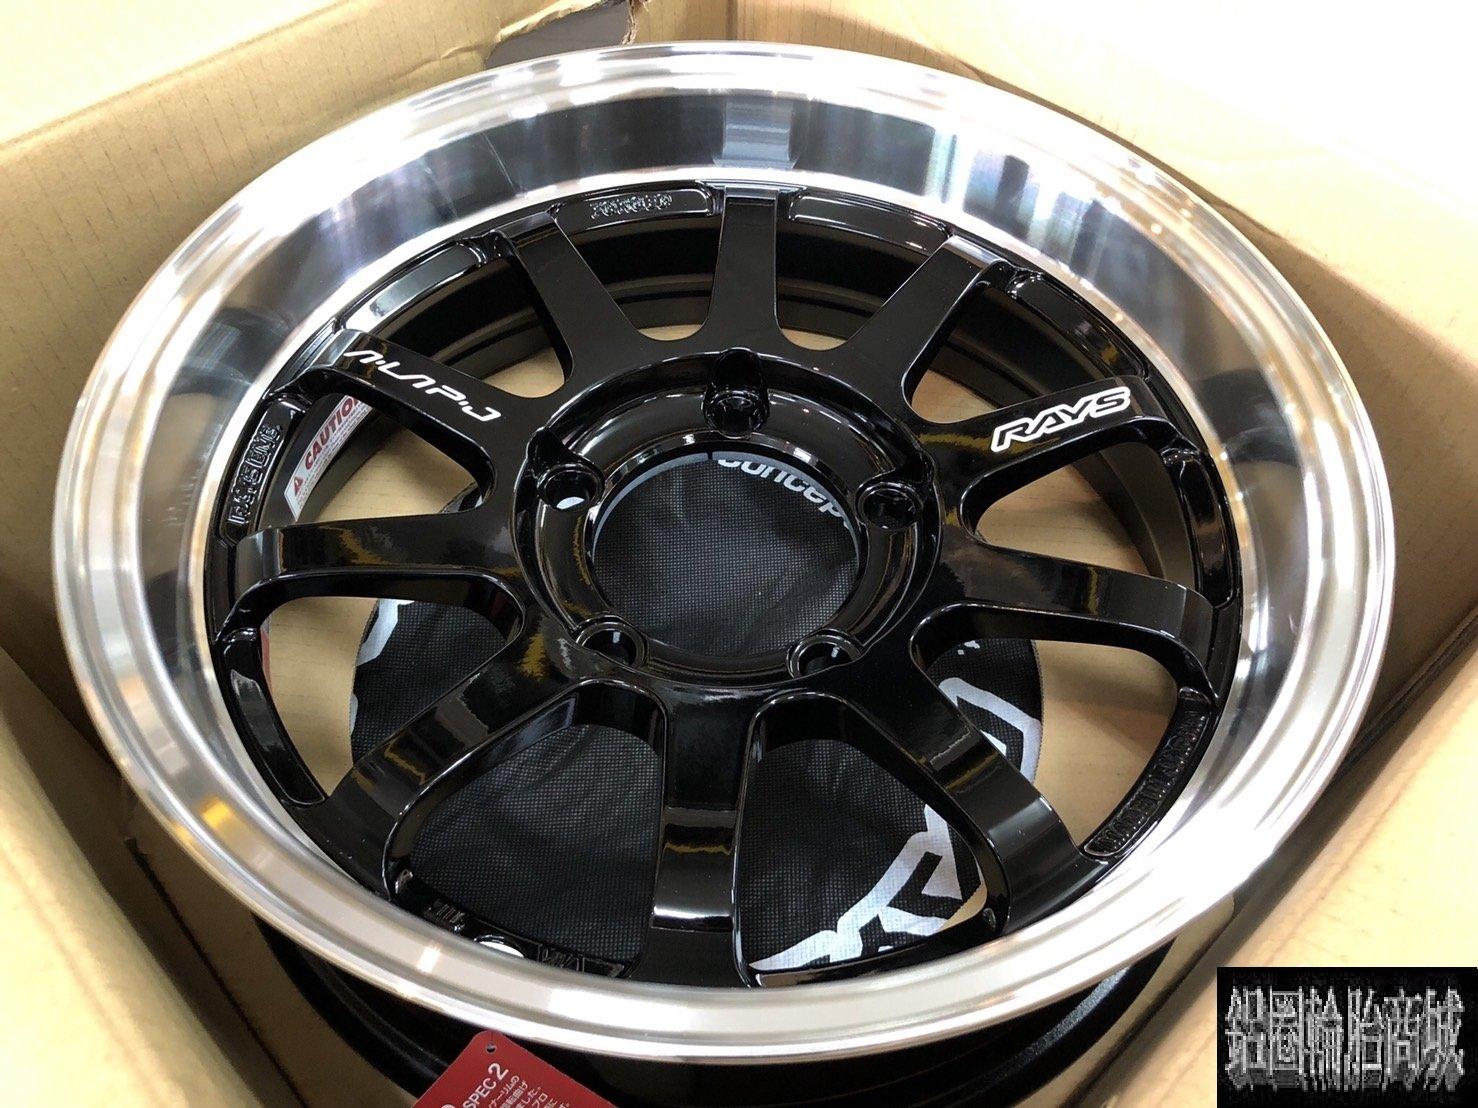 全新鋁圈 正 RAYS 鍛造 日本製 16吋 5孔139.7 5.5J ET-20 亮黑拋光車邊 唇 JIMNY 吉米